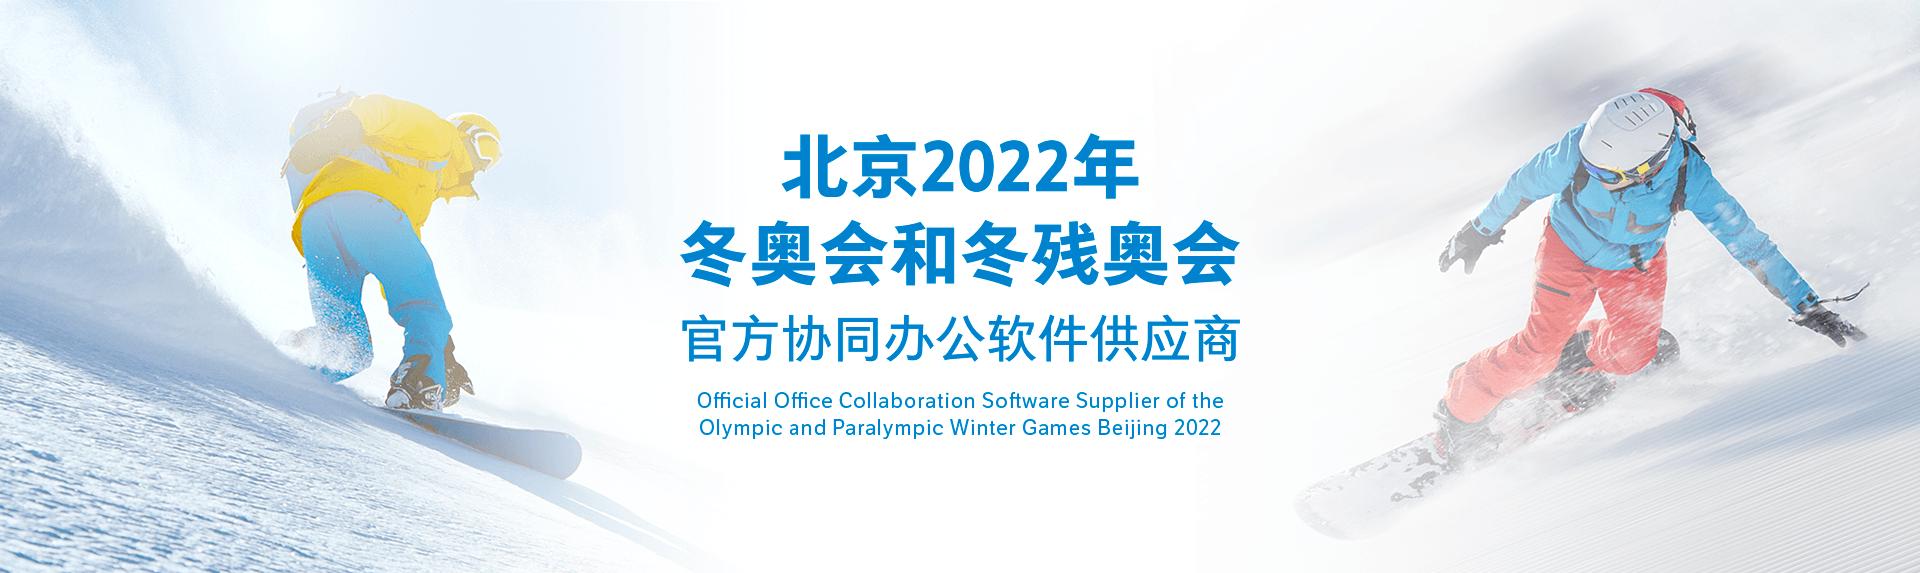 WPS,北京2020年冬奥会和冬残奥会官网协同办公软件供应商宣传页